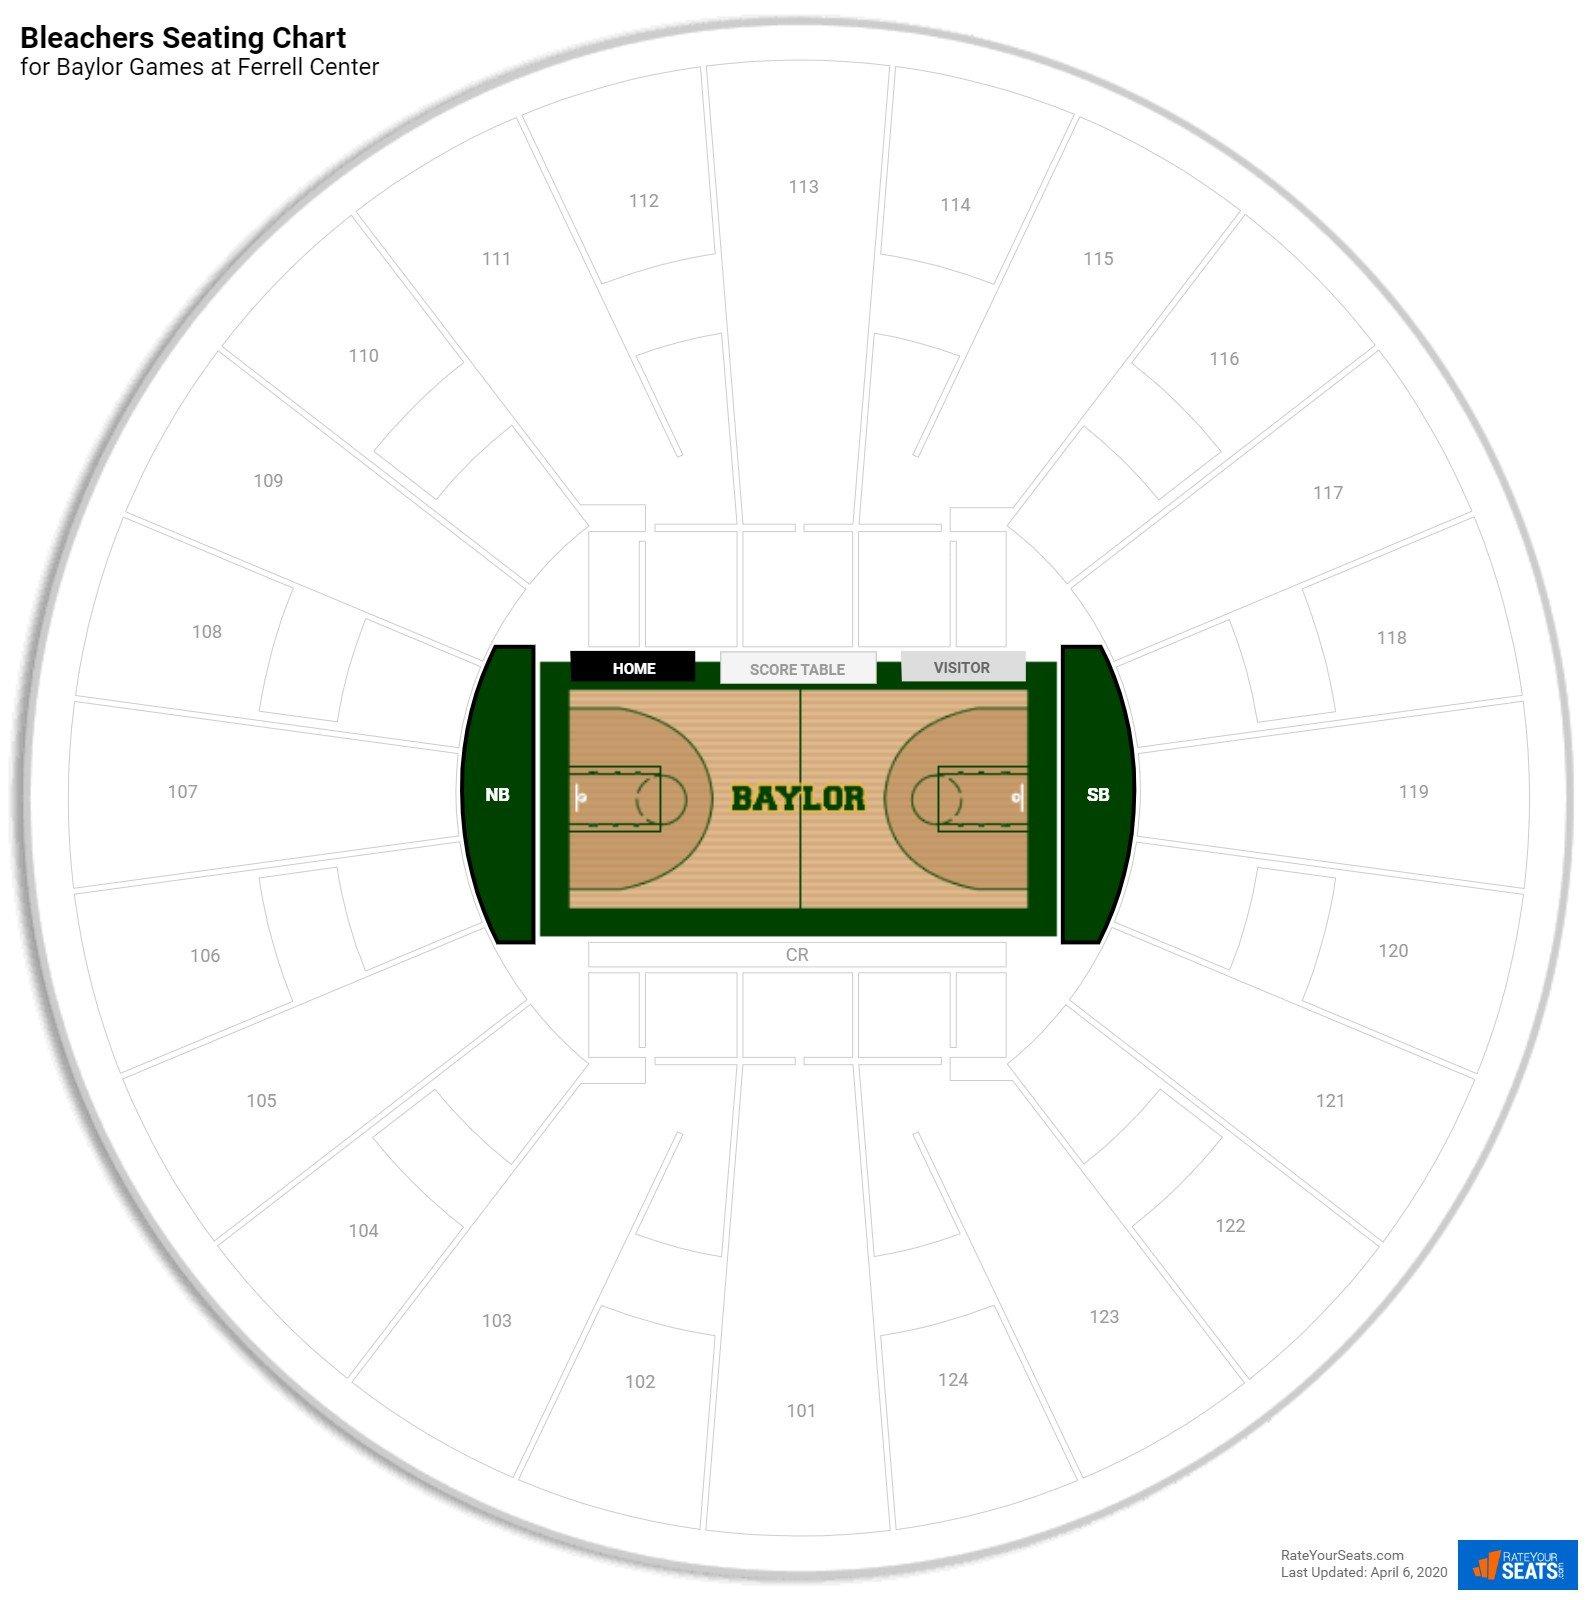 Ferrell Center Bleachers Seating Chart